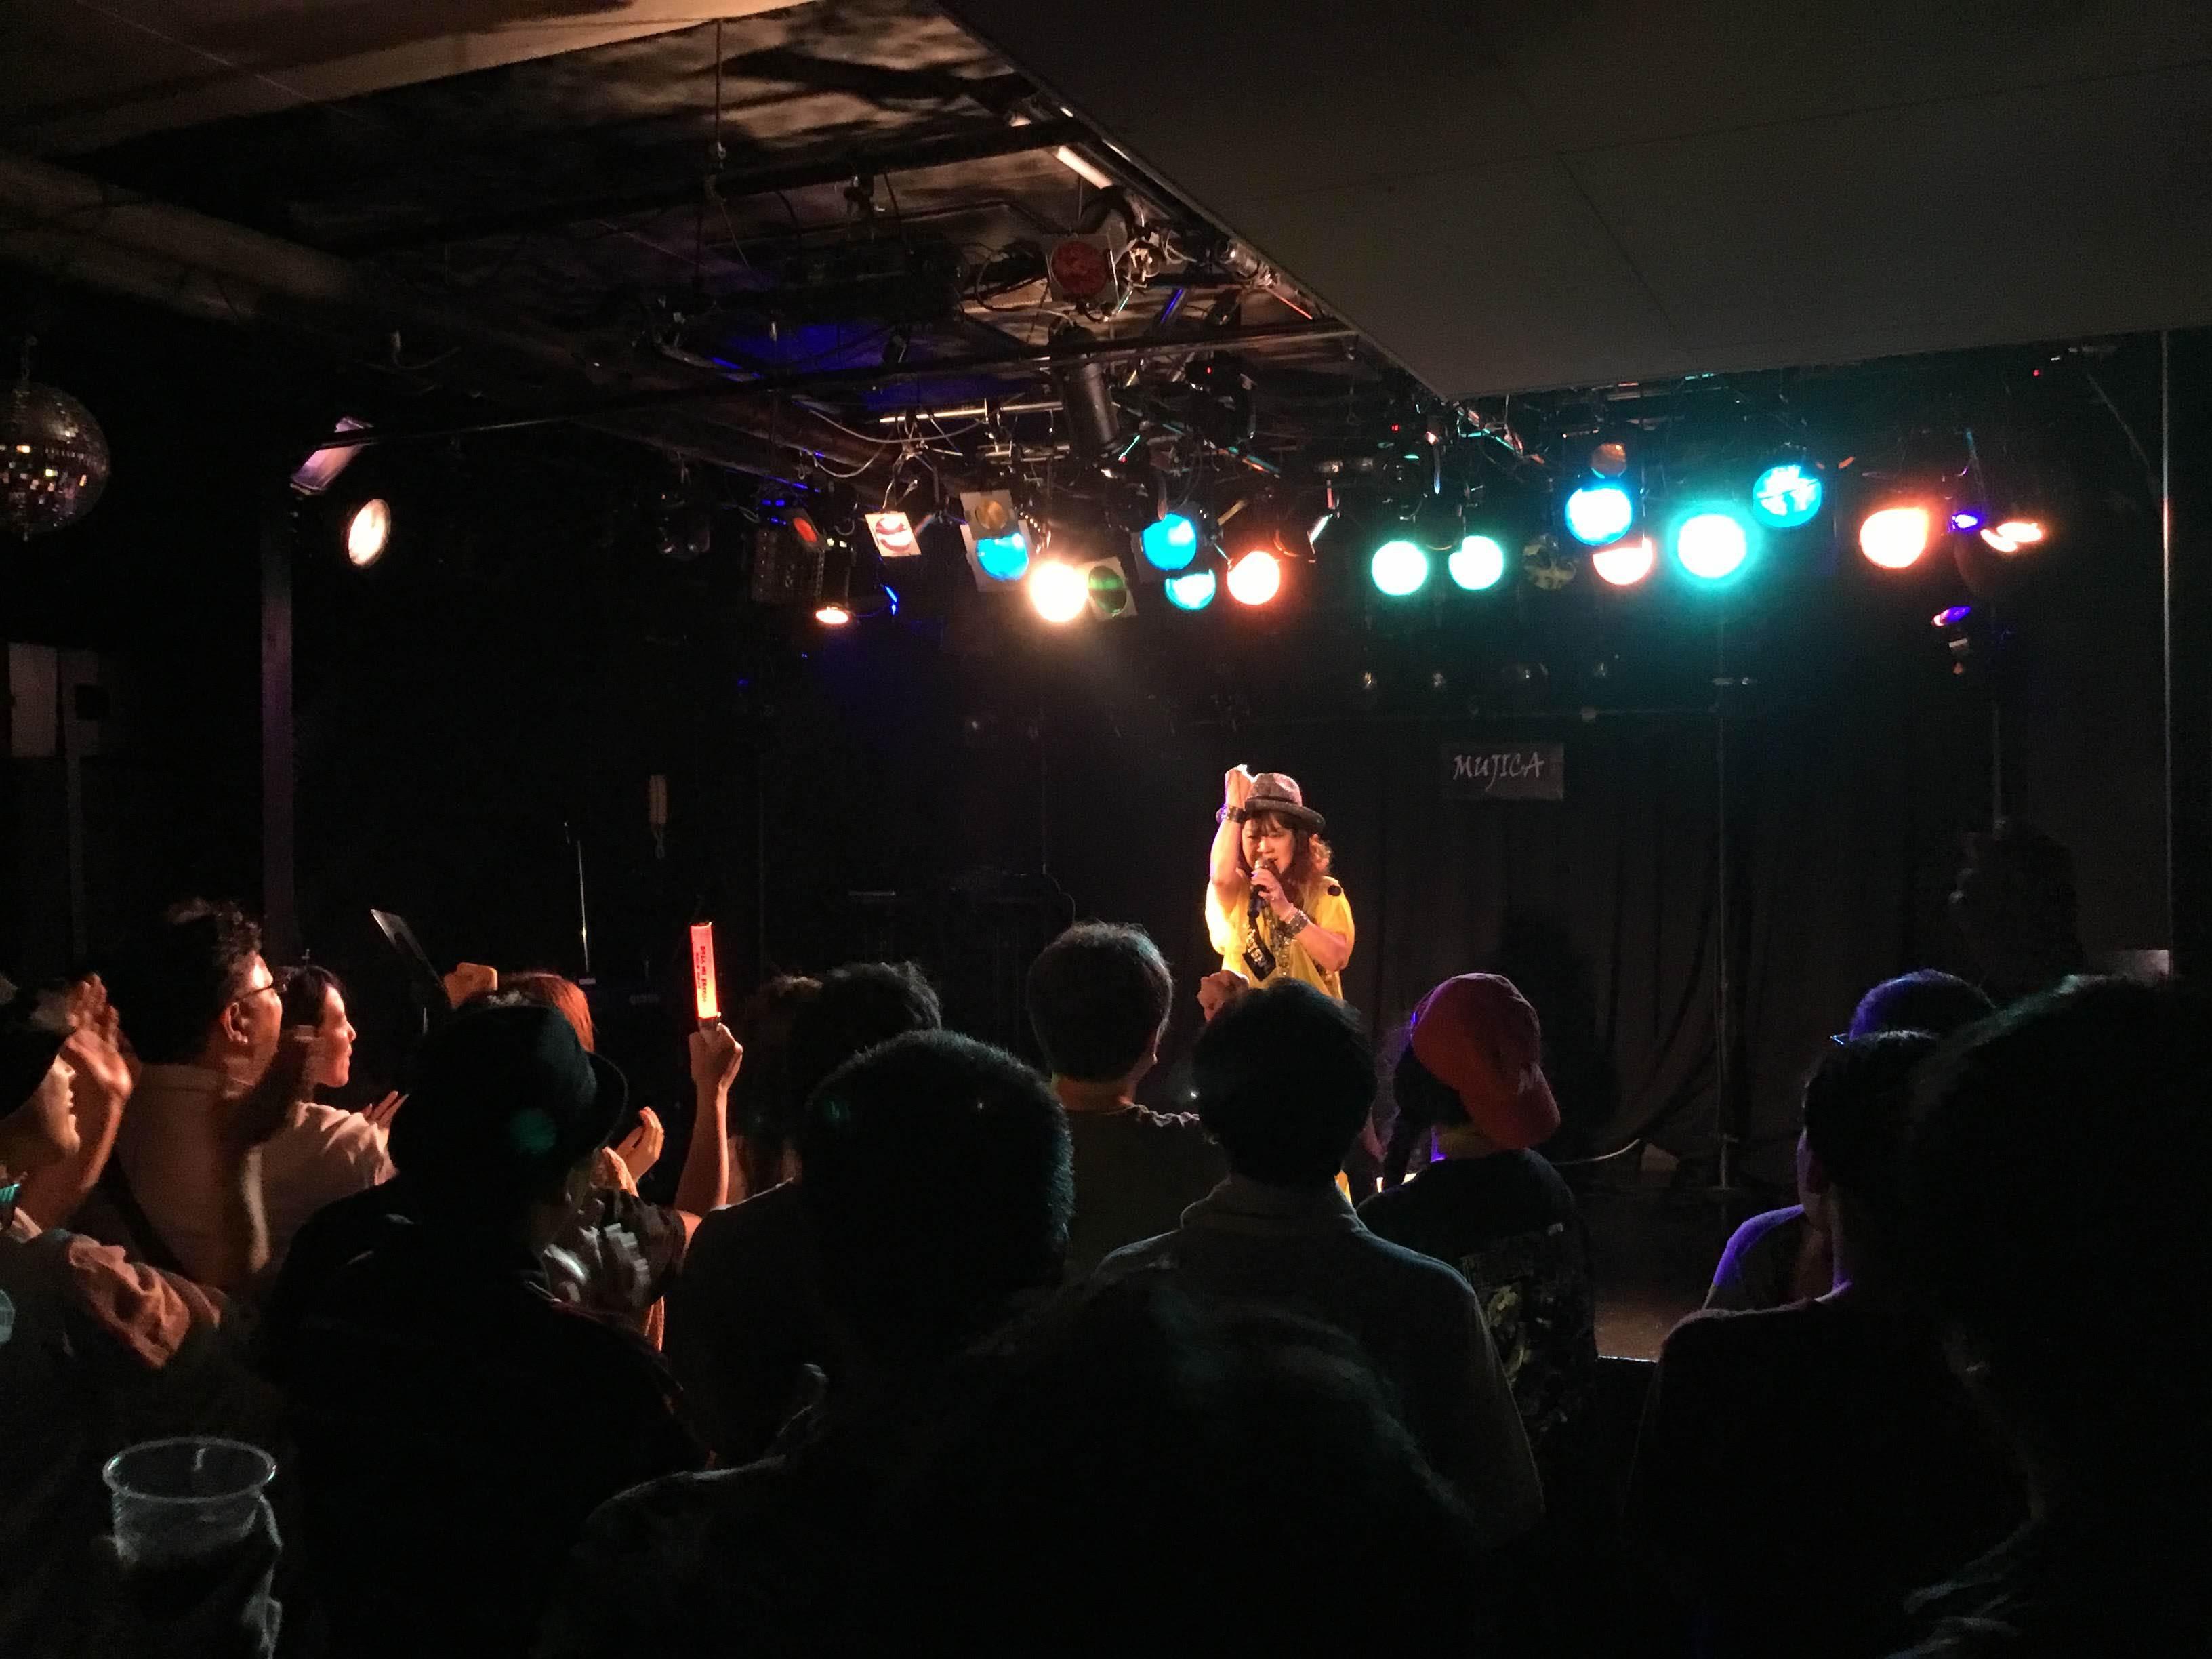 名古屋アニソン特撮ライブお疲れ様でした!_d0155569_16430870.jpg